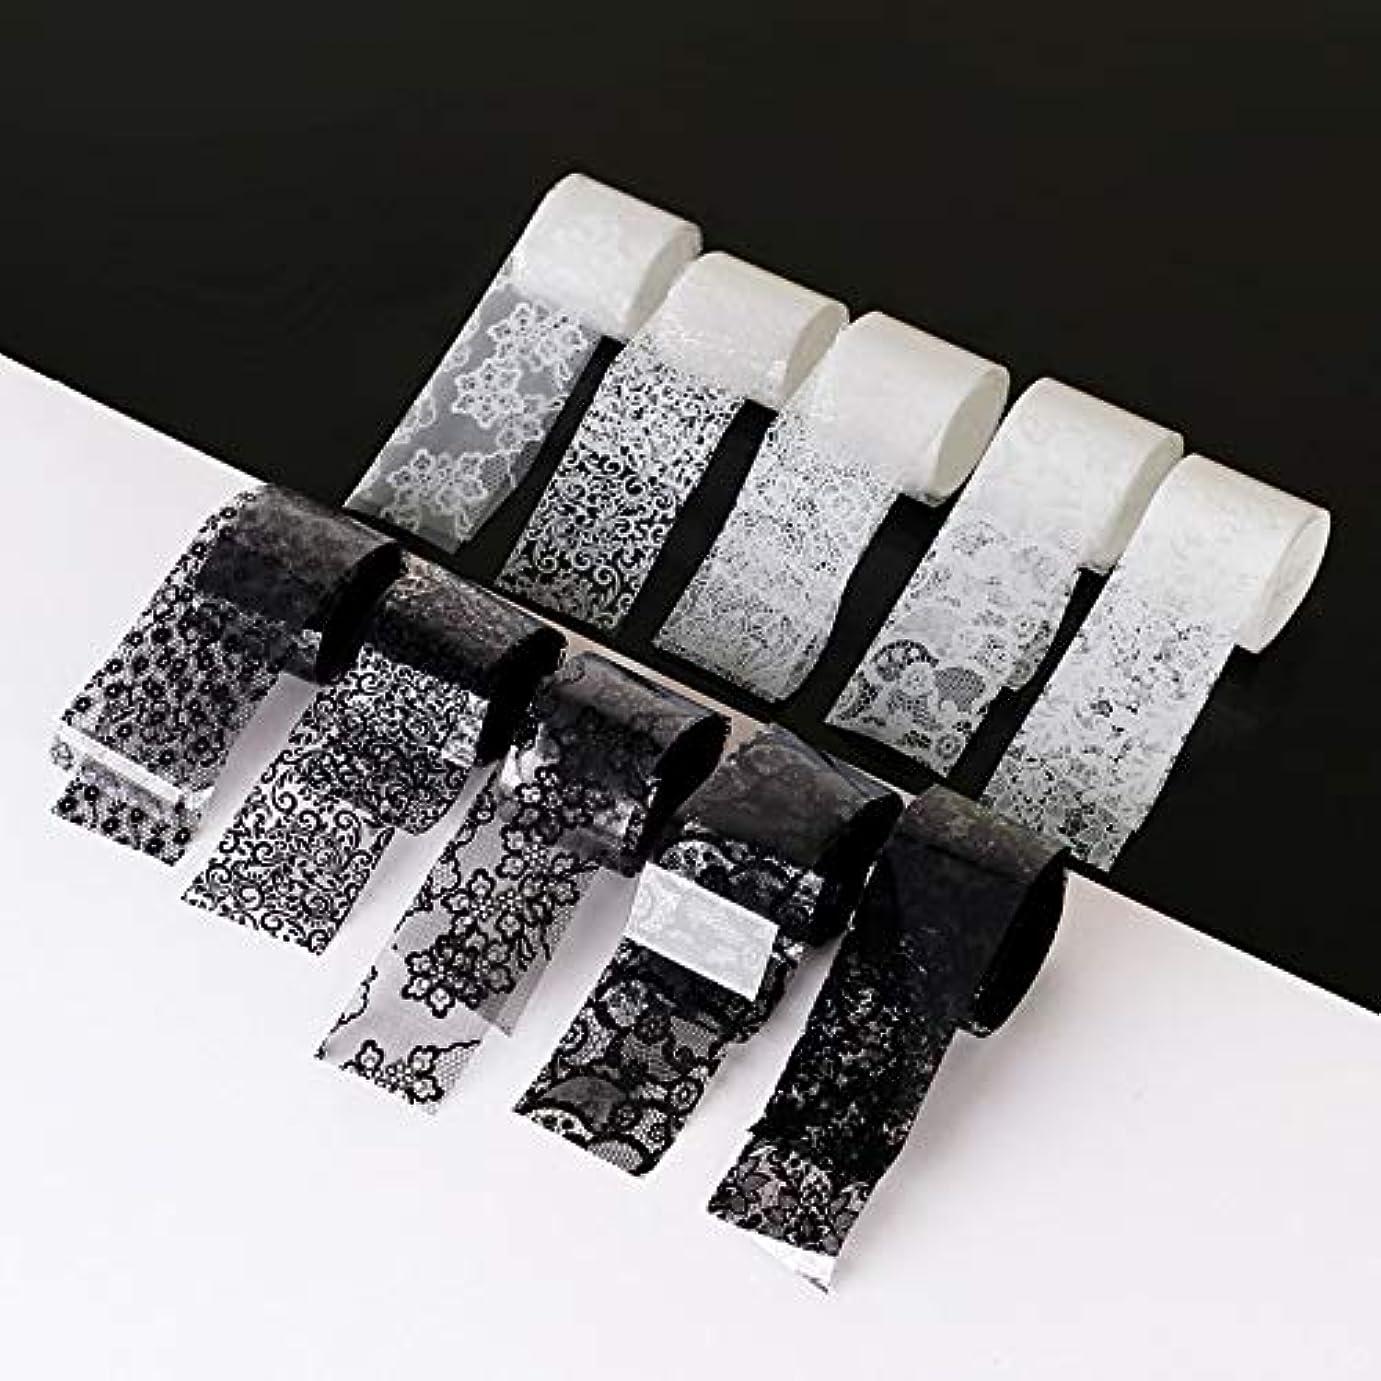 インターネットきちんとした間10ロール/箱新しい黒白いレースネイルアート転写箔ステッカーセクシーな花の接着剤ネイルシールdiyマニキュアツール2.5 * 100センチ